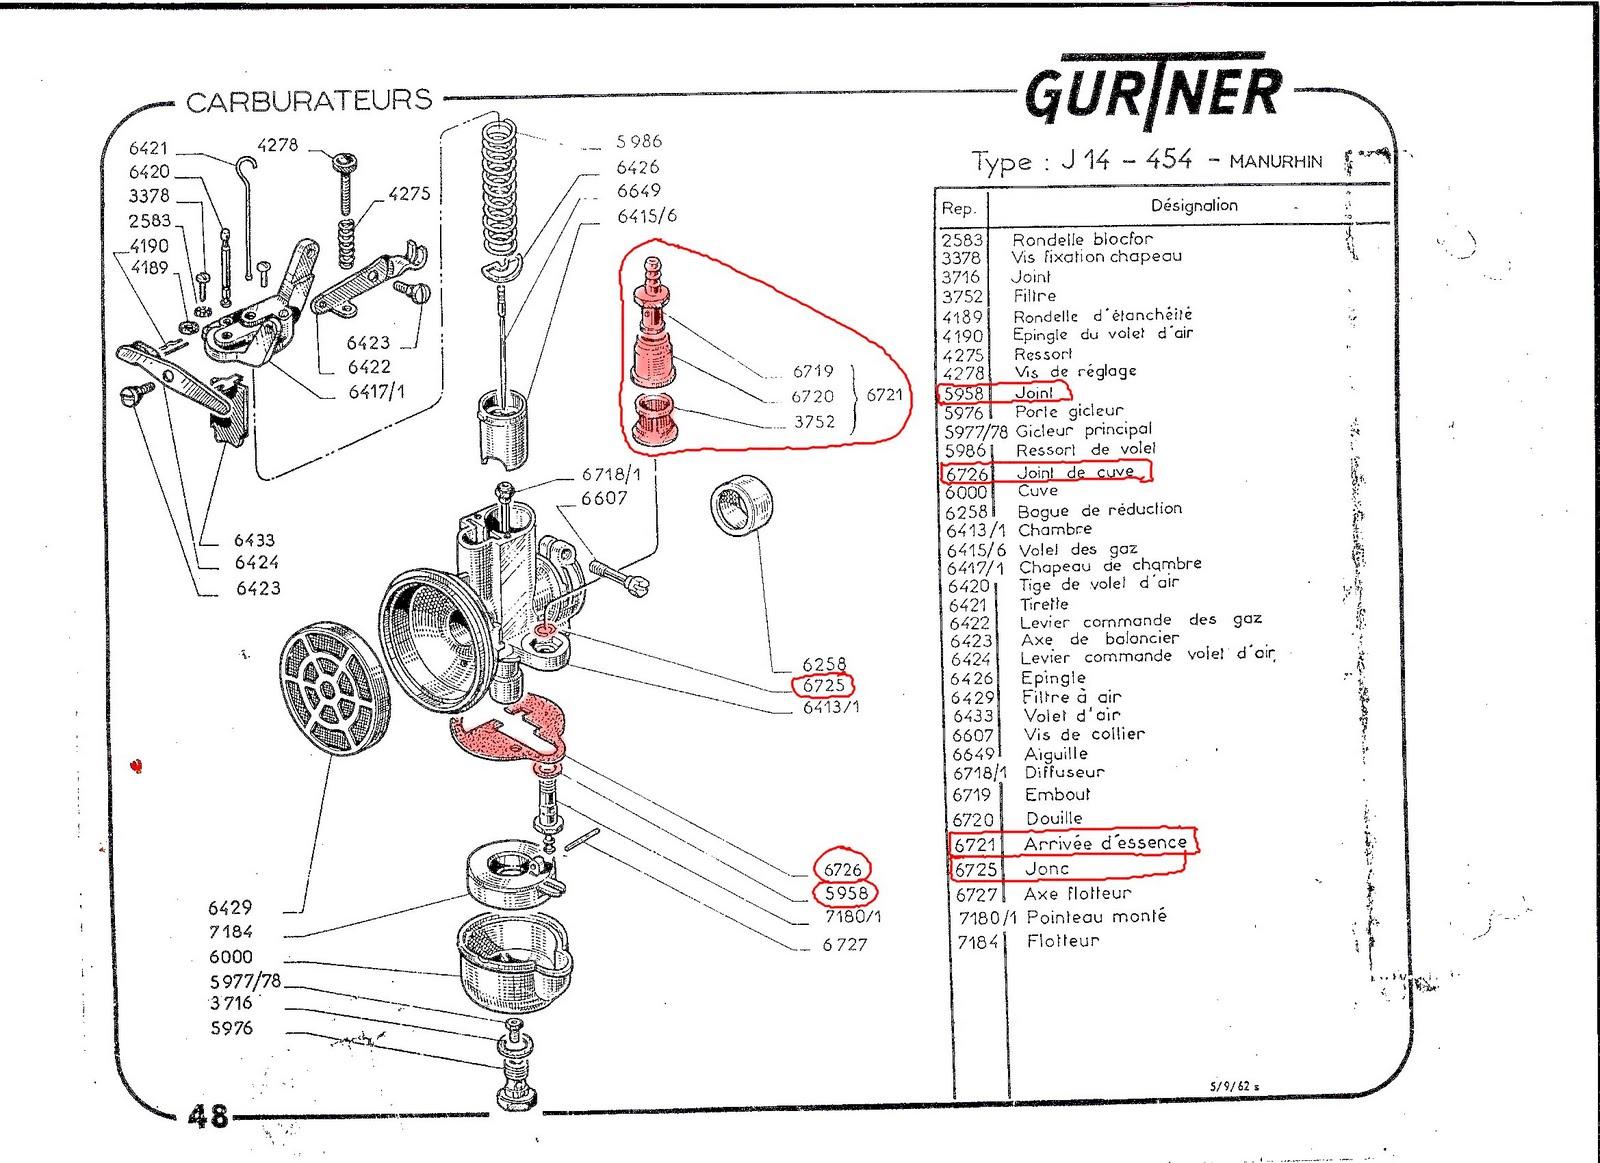 The Making Of A Manurhin Carburettor Repair